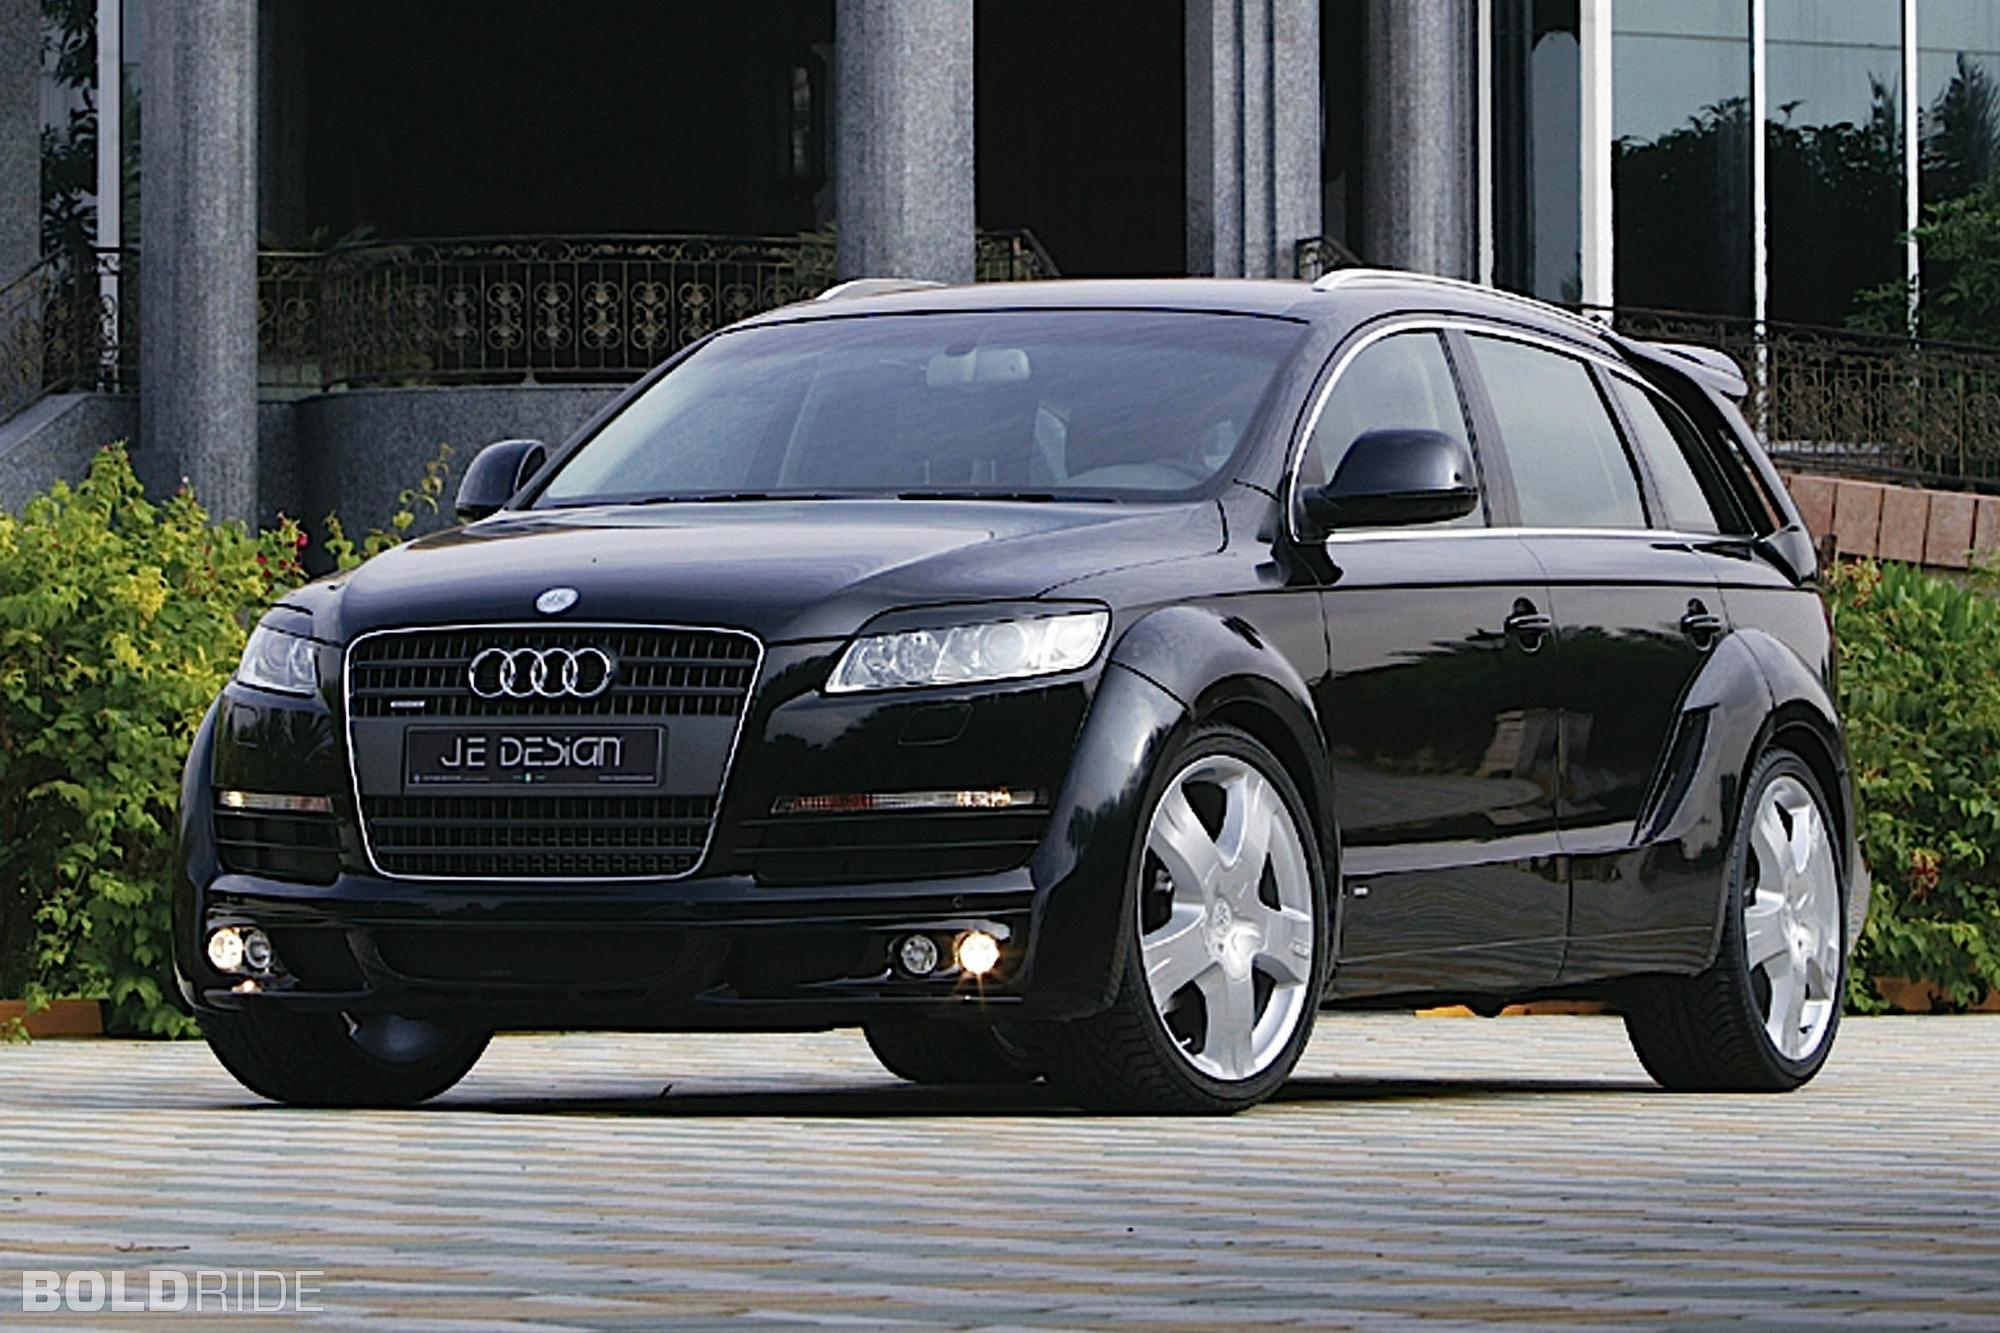 2007 Audi Q7 Image 18